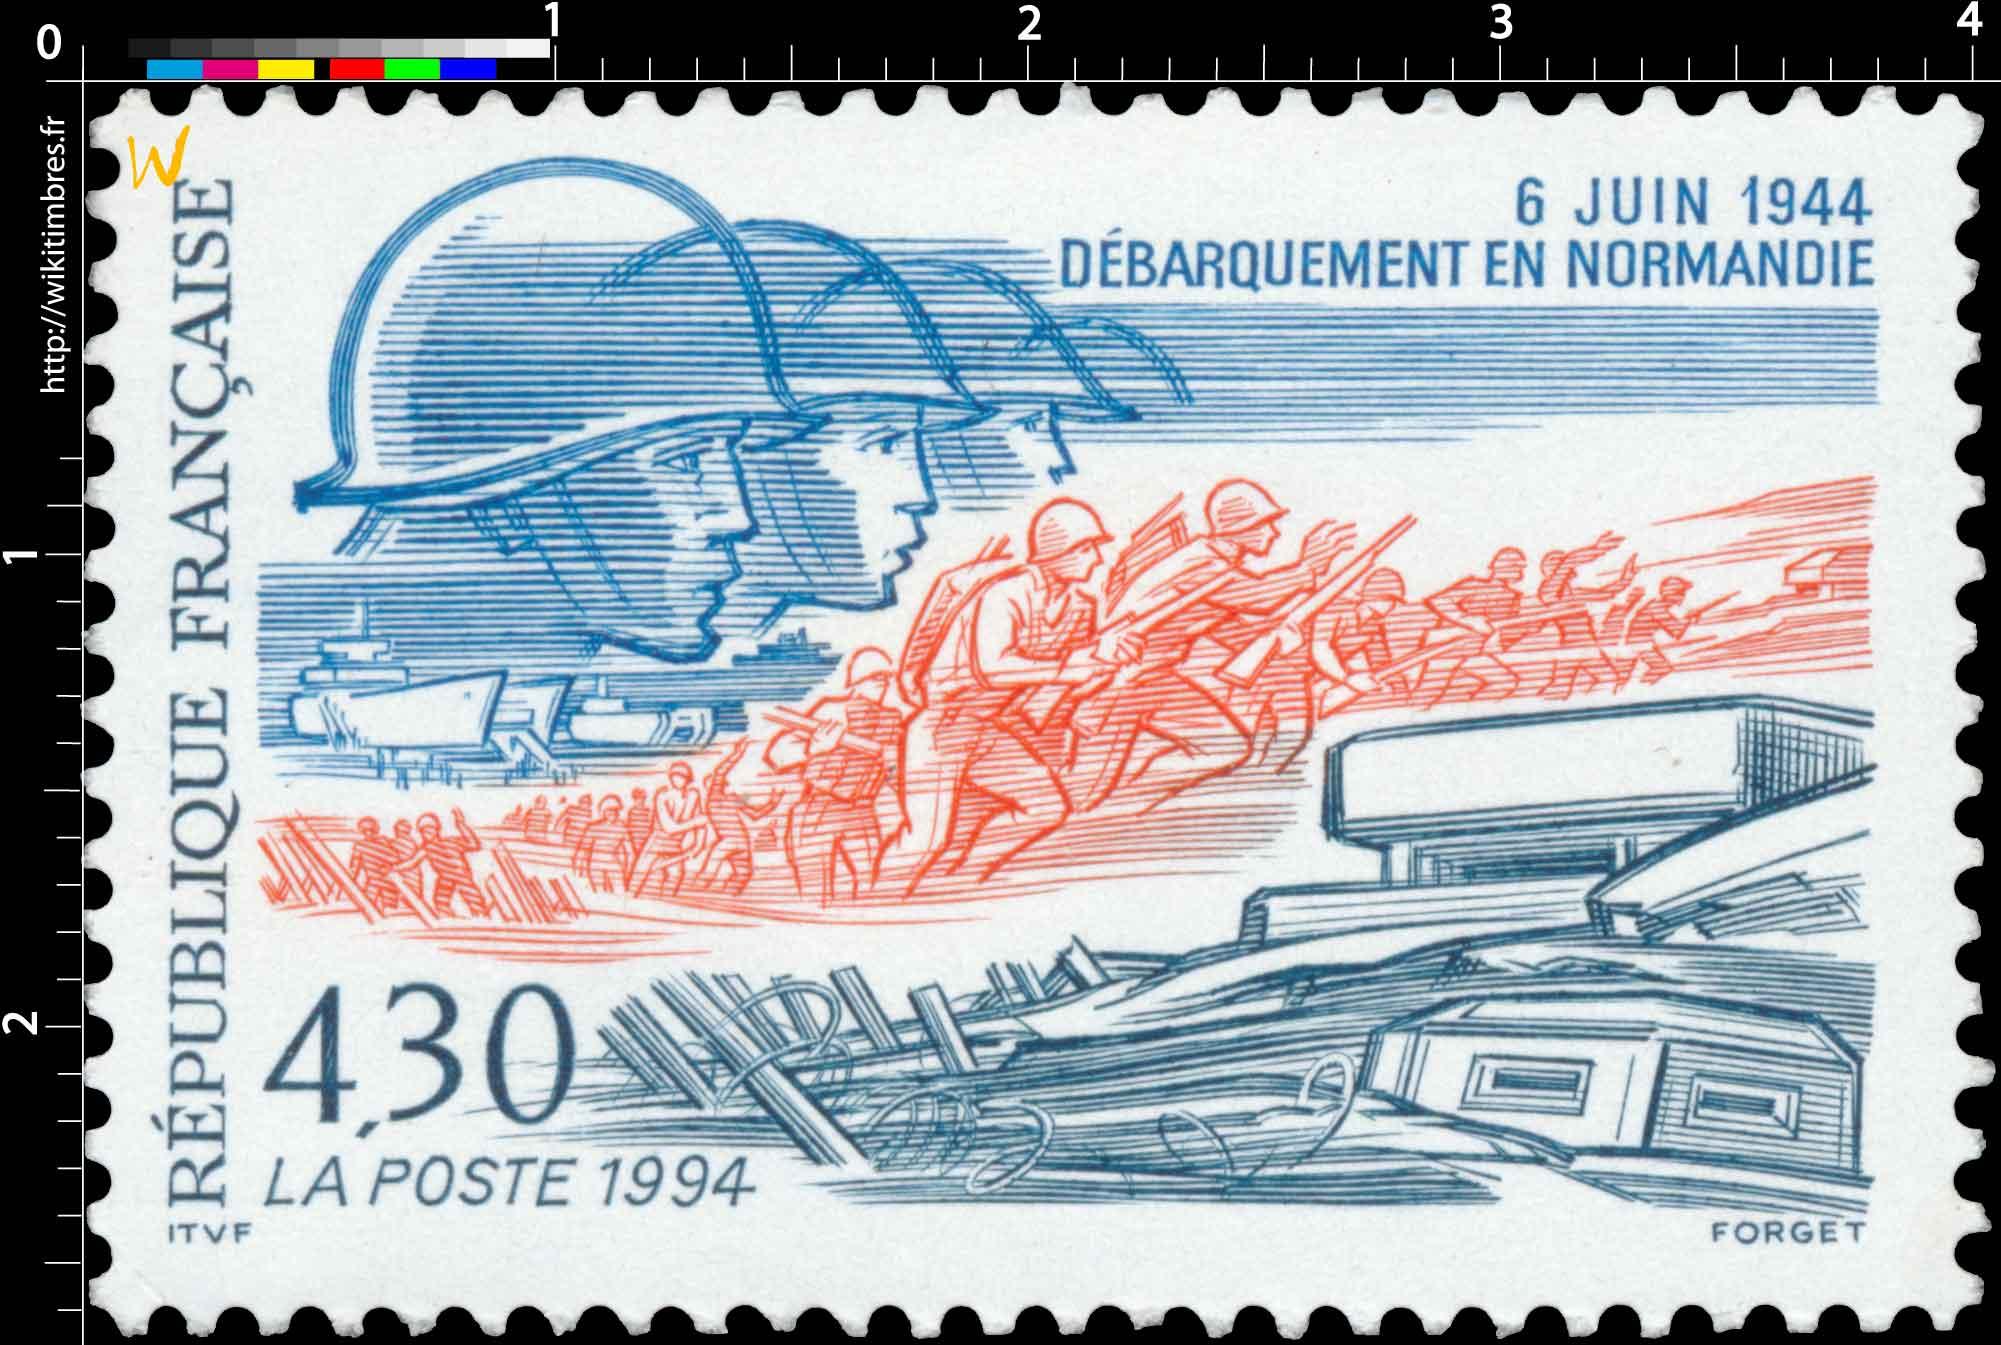 1994 6 JUIN 1944 DÉBARQUEMENT EN NORMANDIE